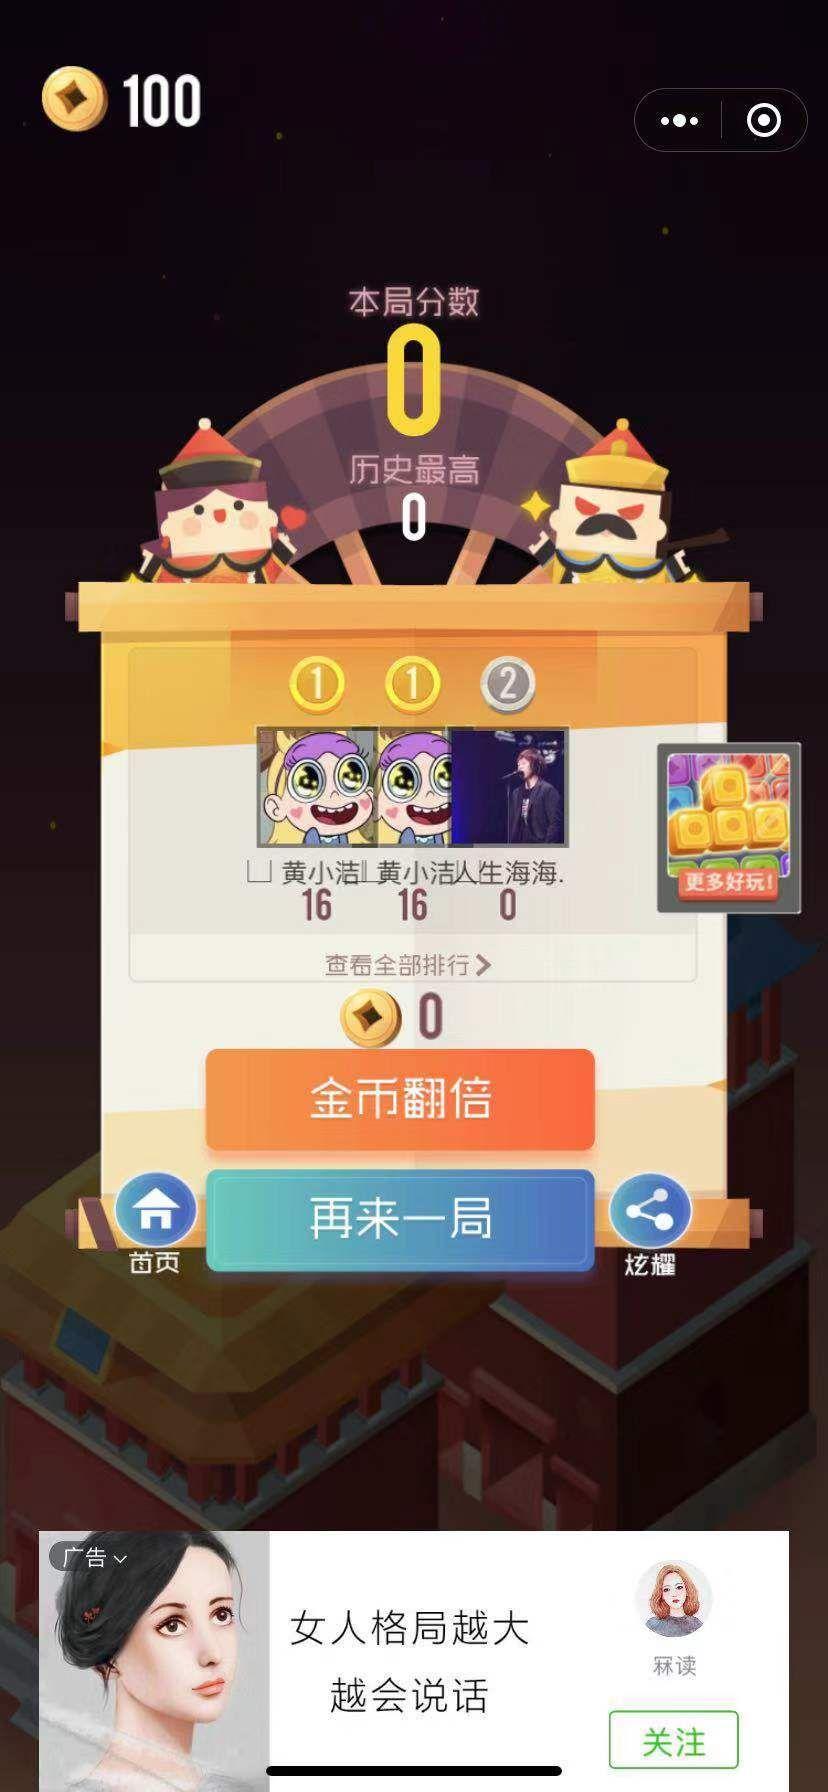 微信皇上冲冲冲小游戏官方网站下载正式版图片2